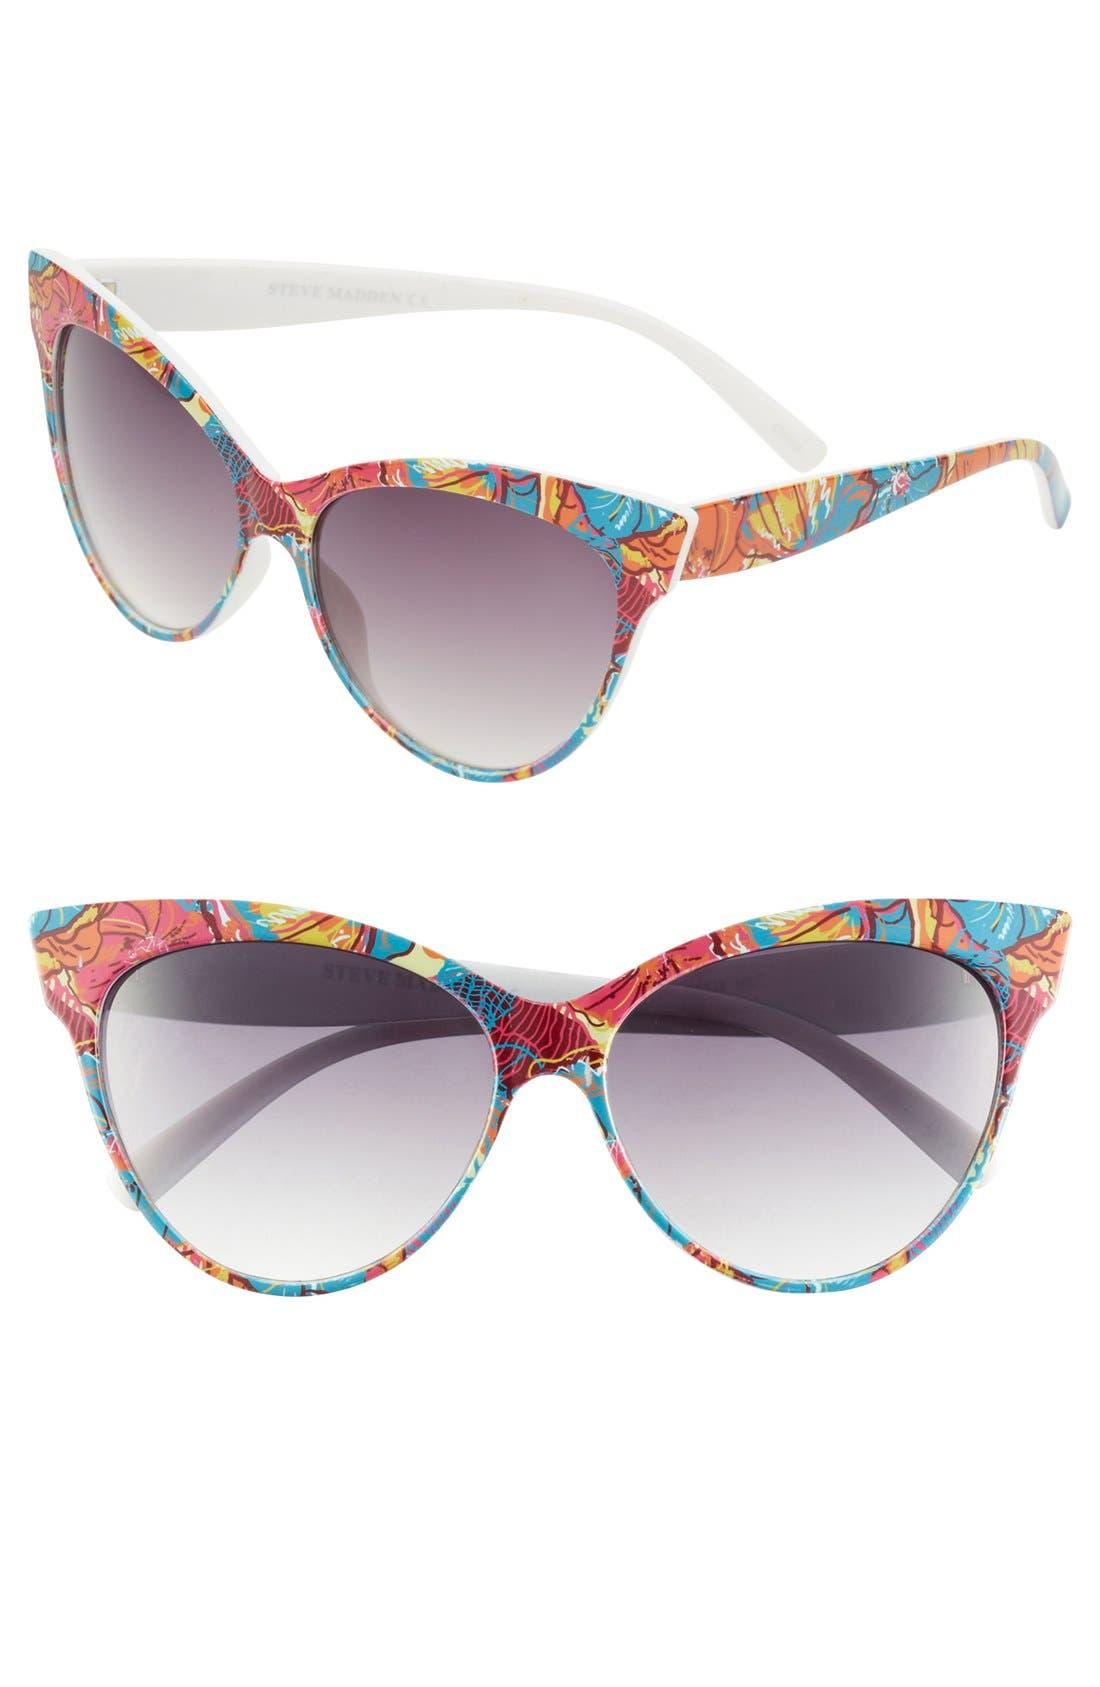 Alternate Image 1 Selected - Steven Madden Print Cat's Eye Sunglasses